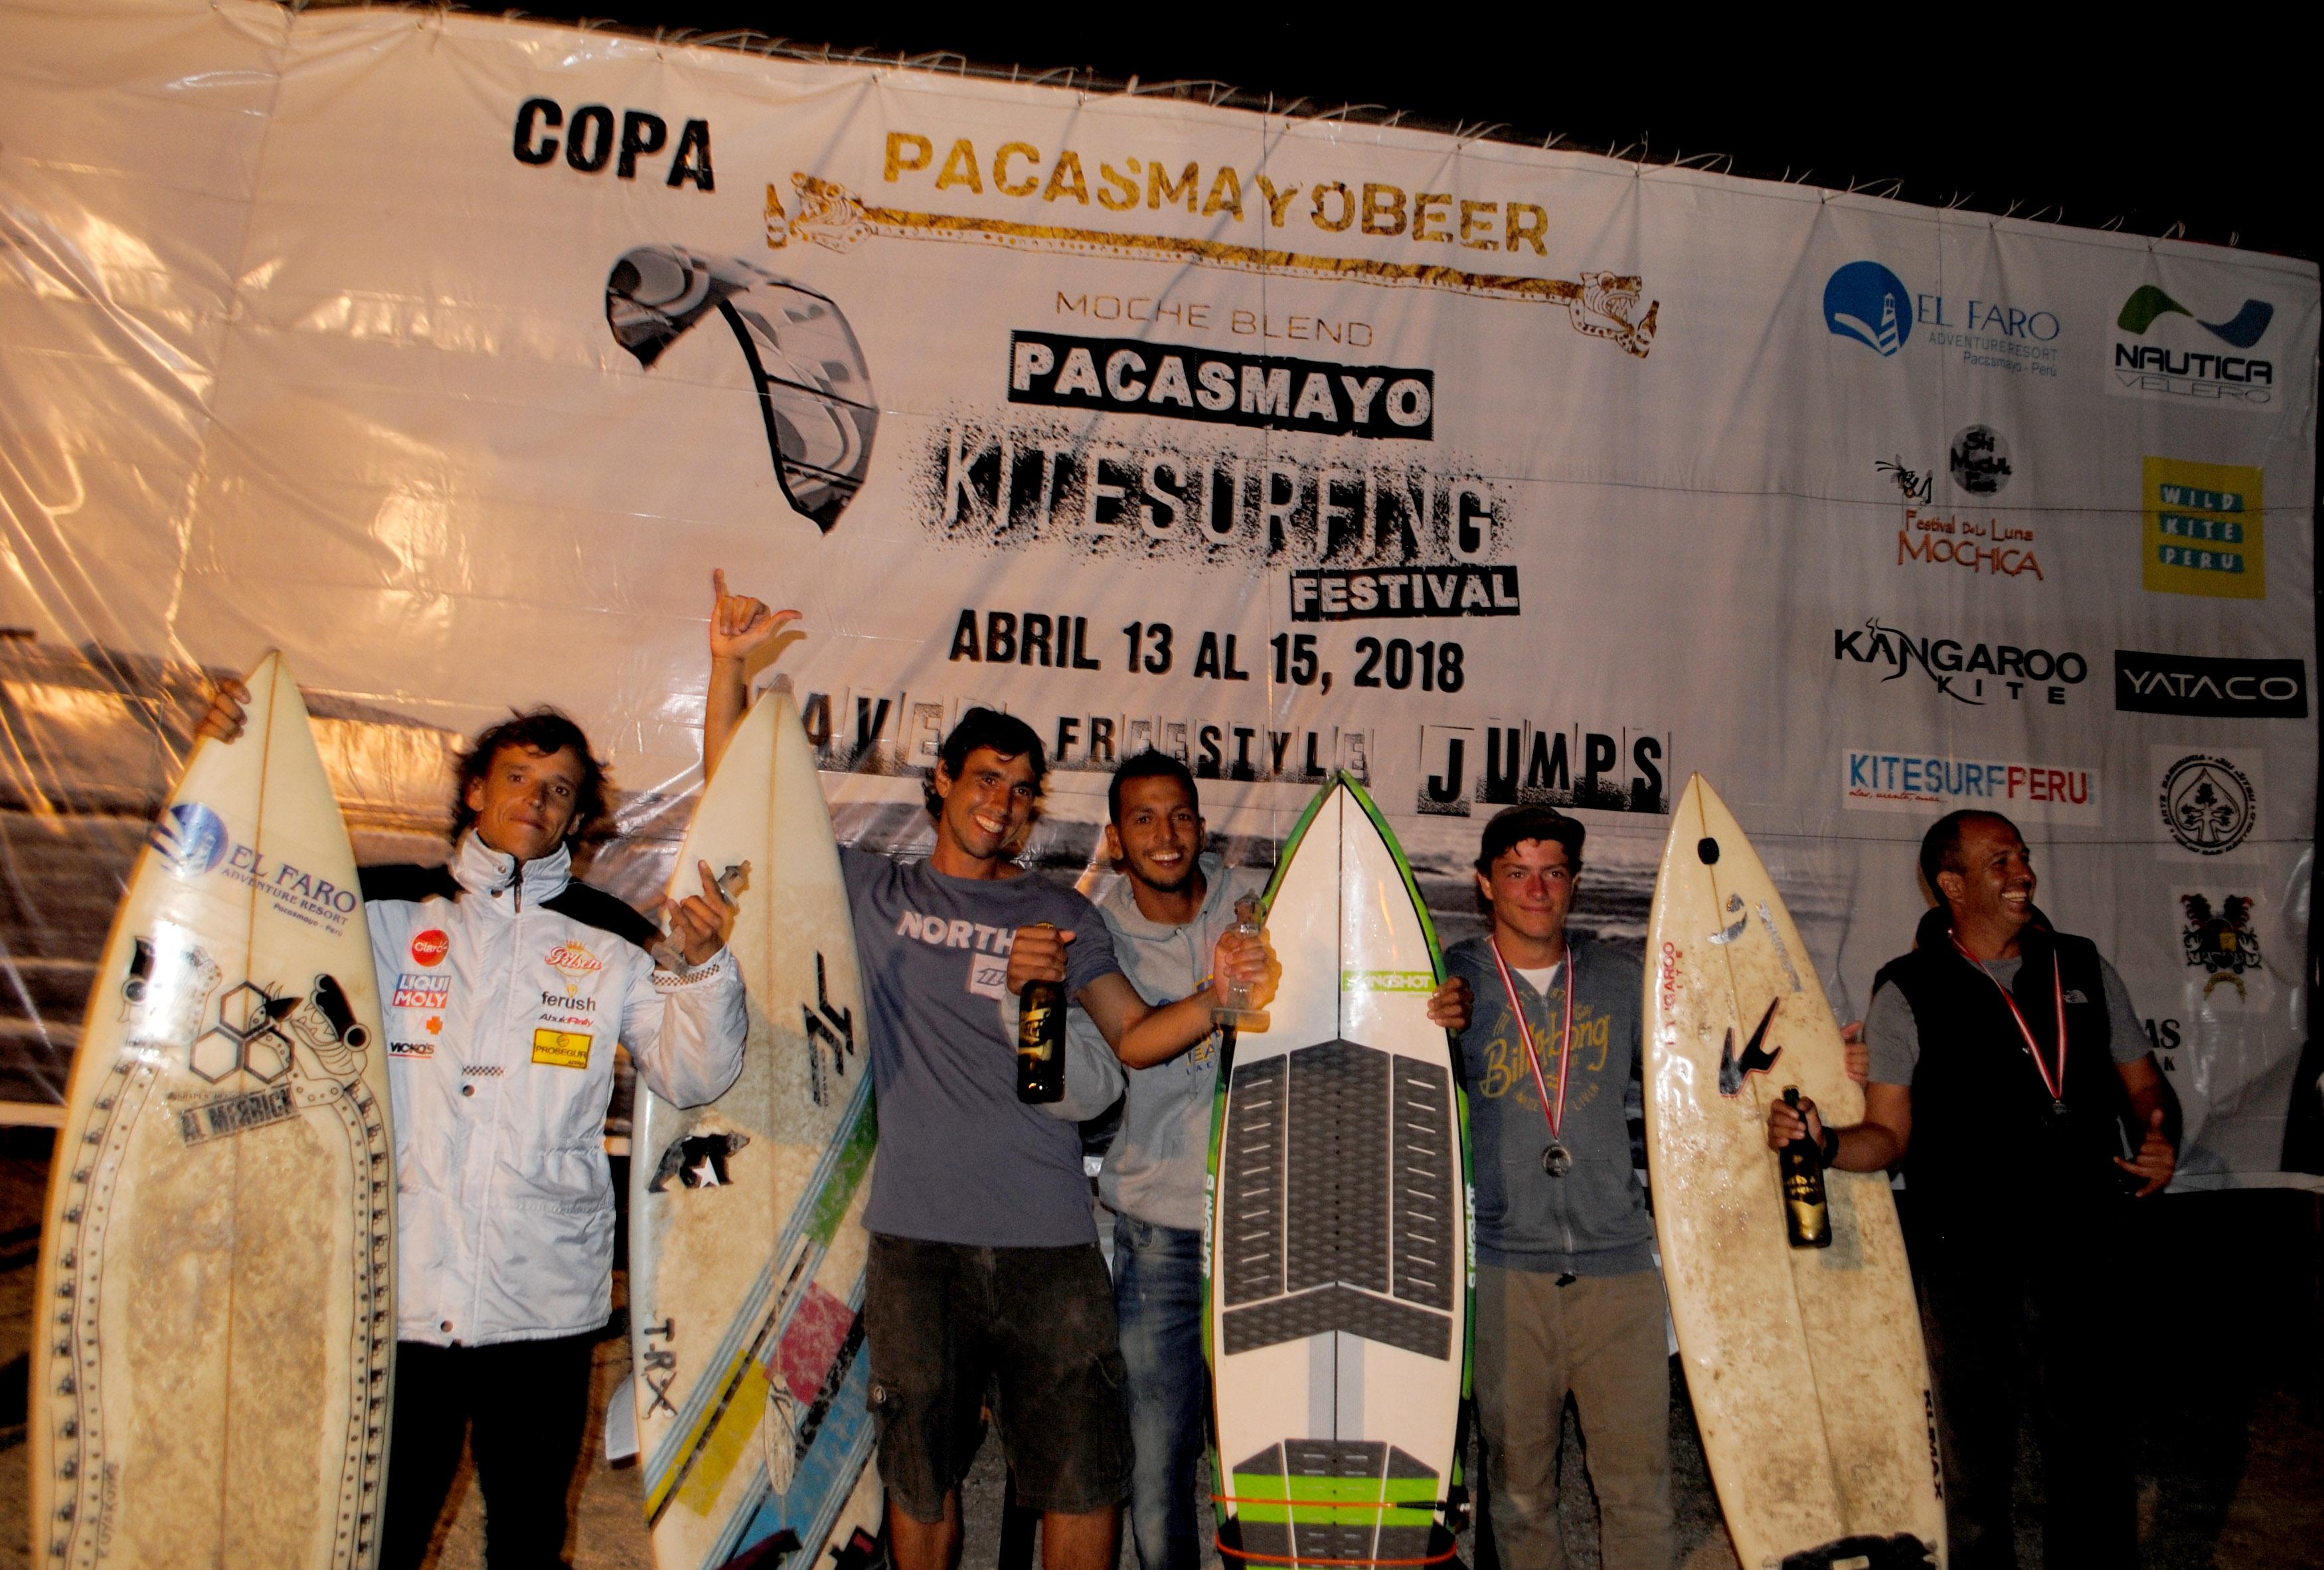 Con éxito finalizó el Pacasmayo Kitesurfing Festival 2018